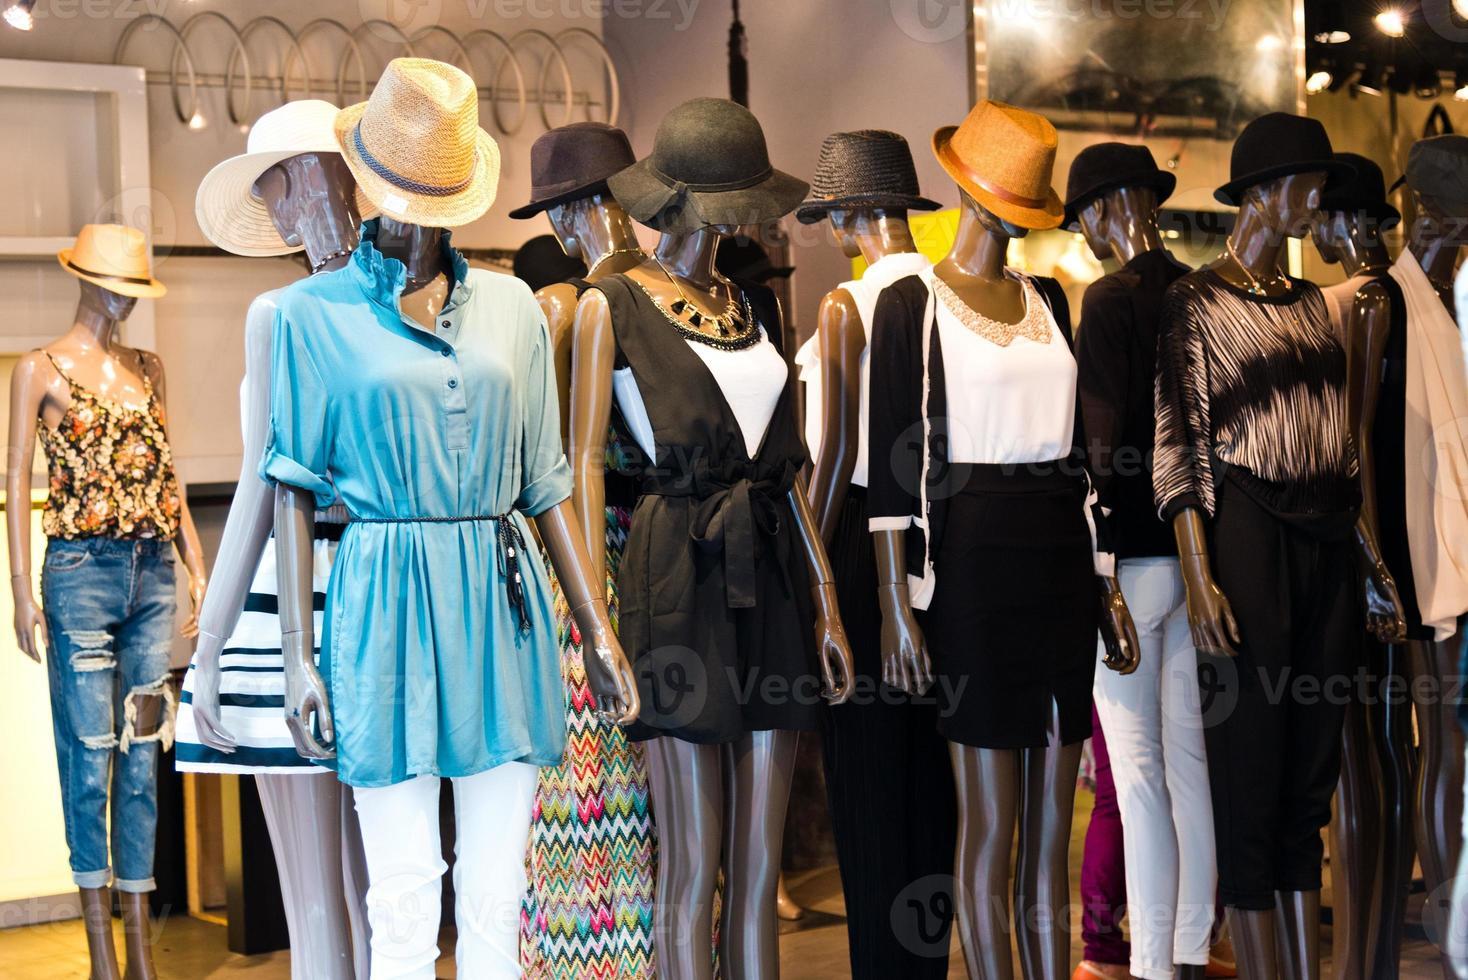 tienda de moda foto